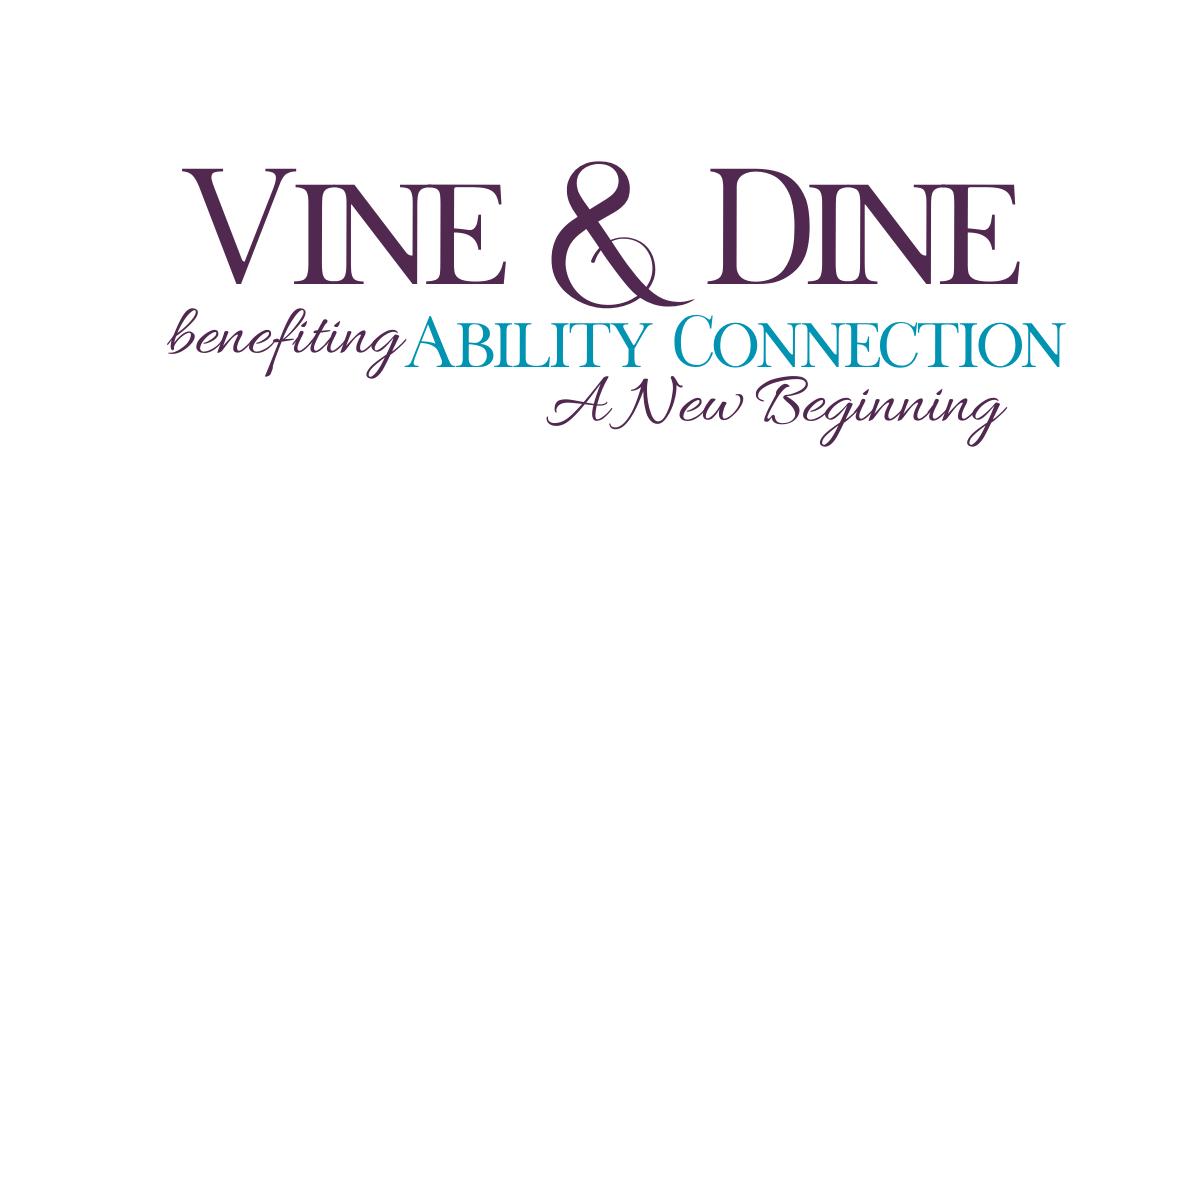 Vine & Dine – A New Beginning